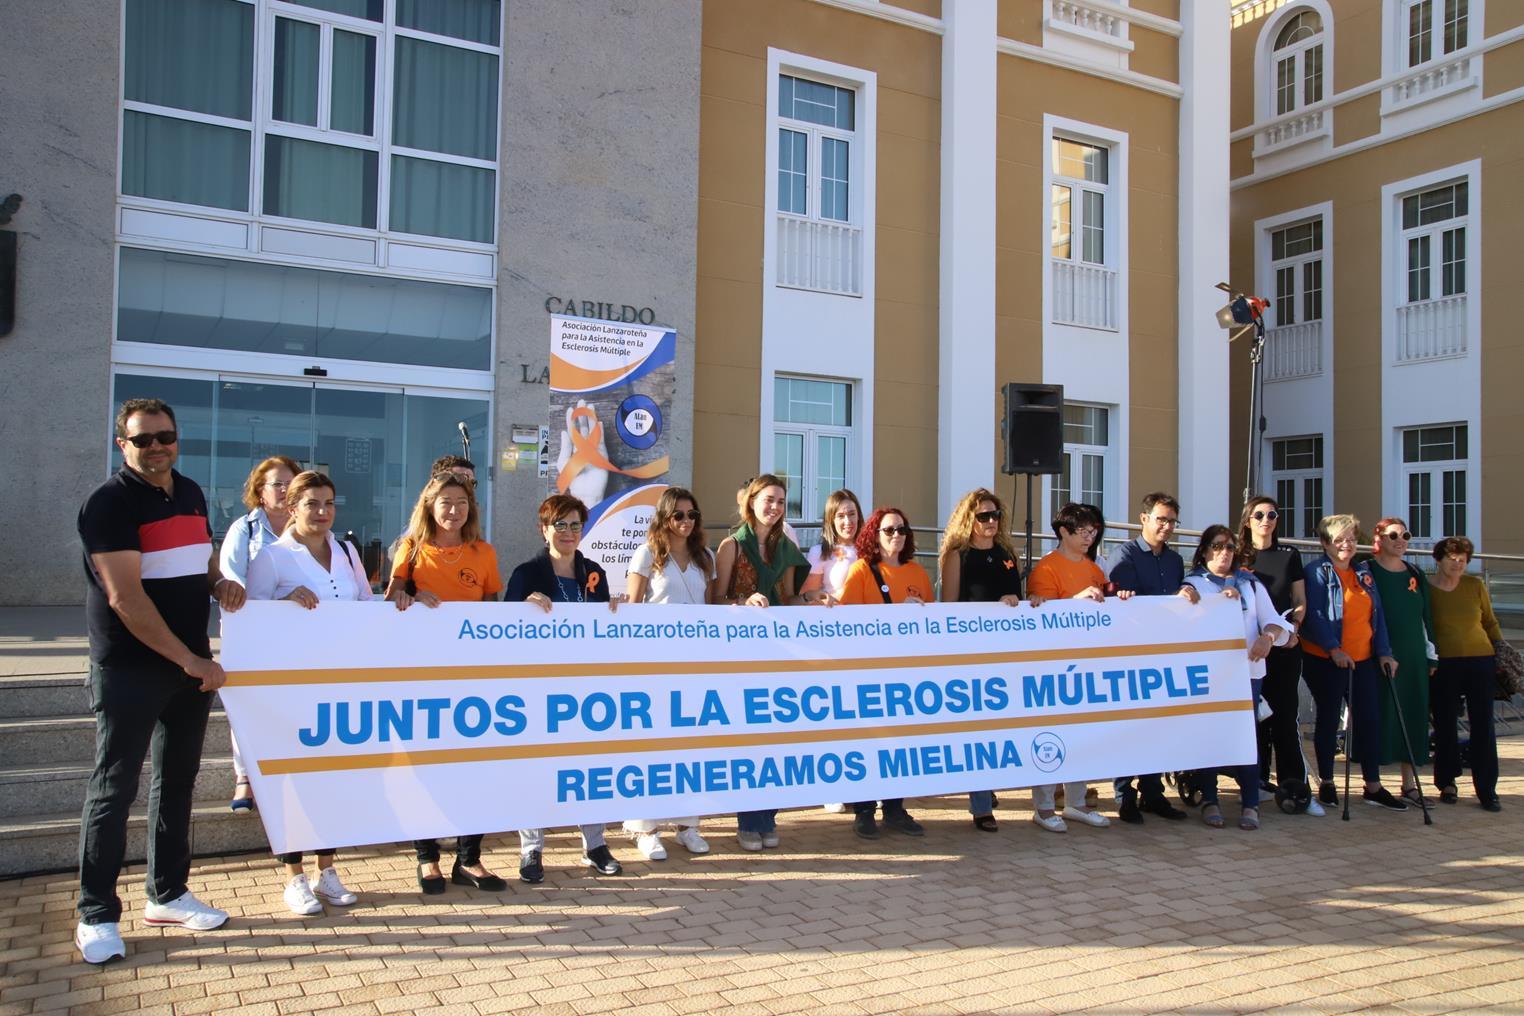 El Cabildo de Lanzarote se ilumina de color naranja en apoyo a las reivindicaciones de los afectados por Esclerosis Múltiple